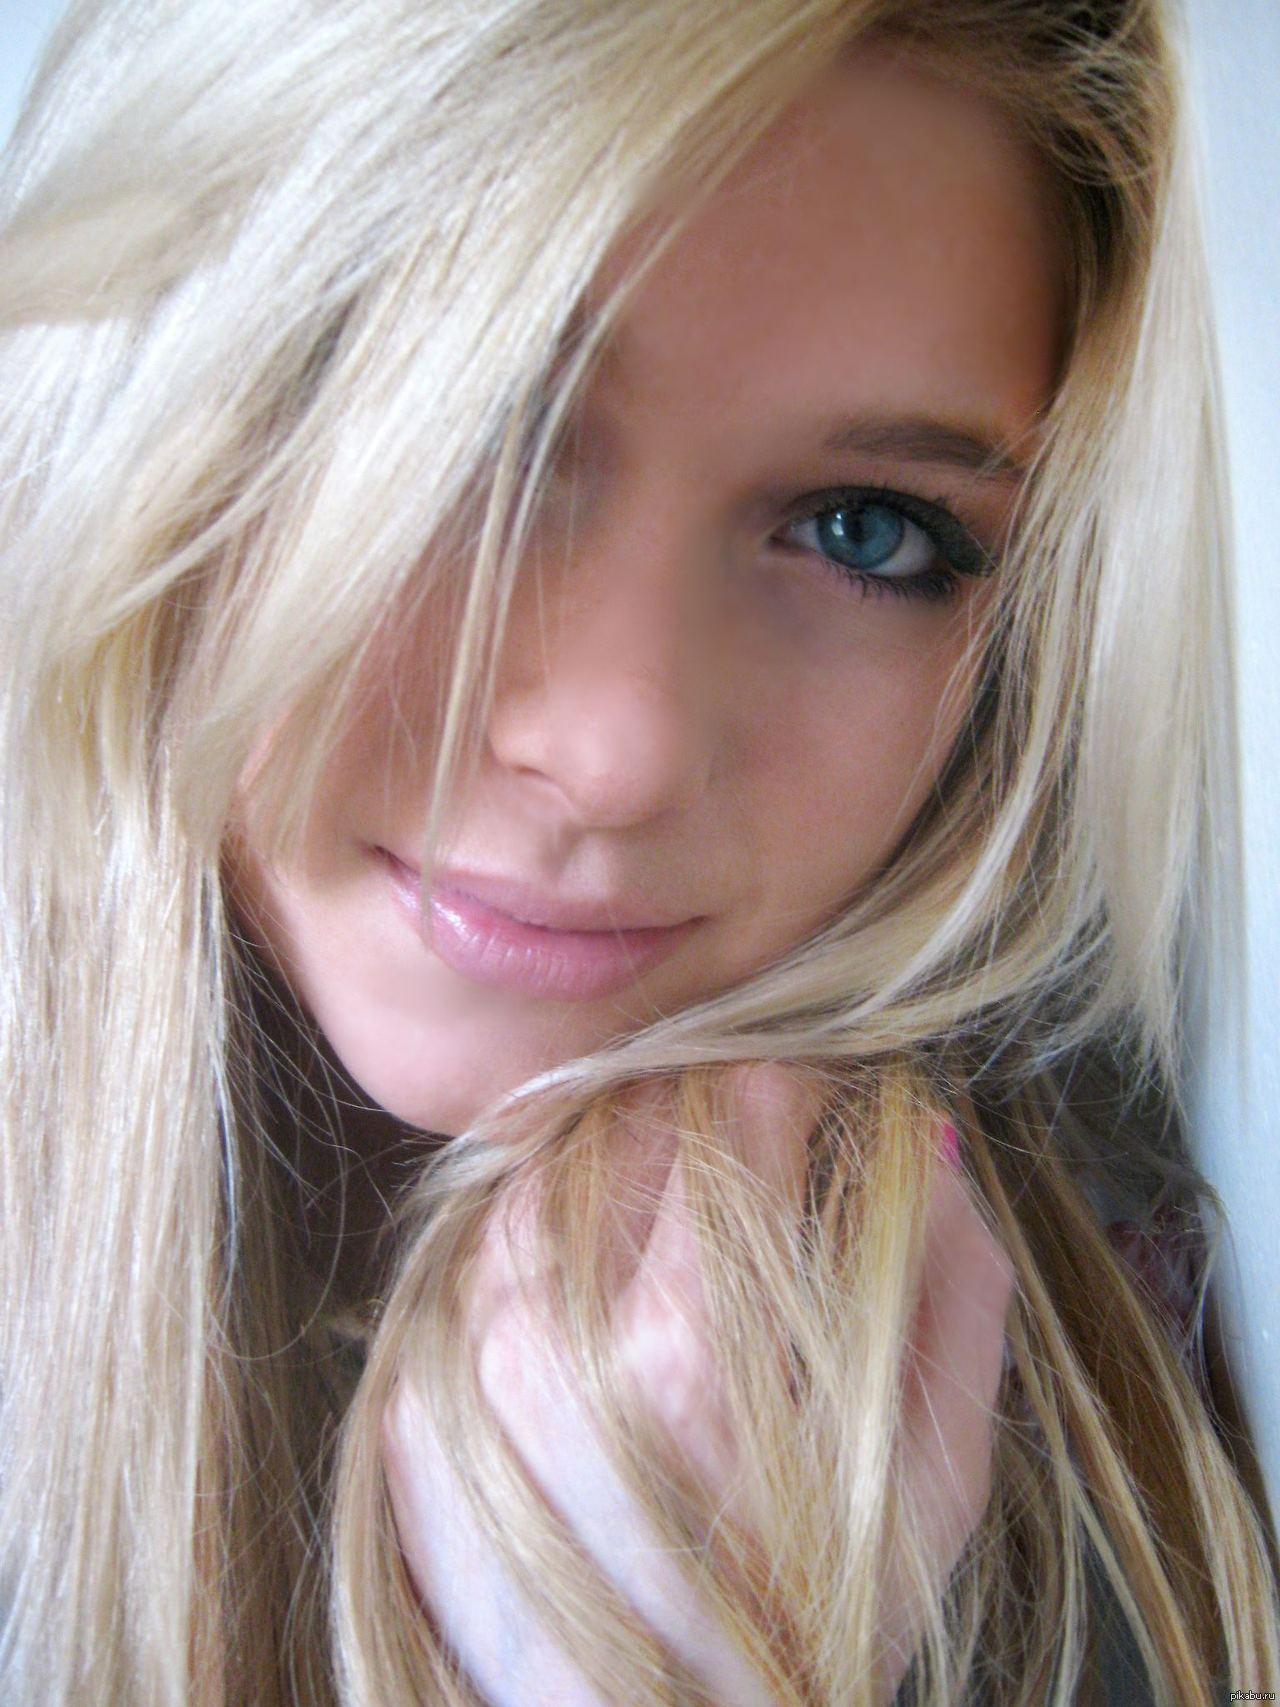 Teen Blond Girls